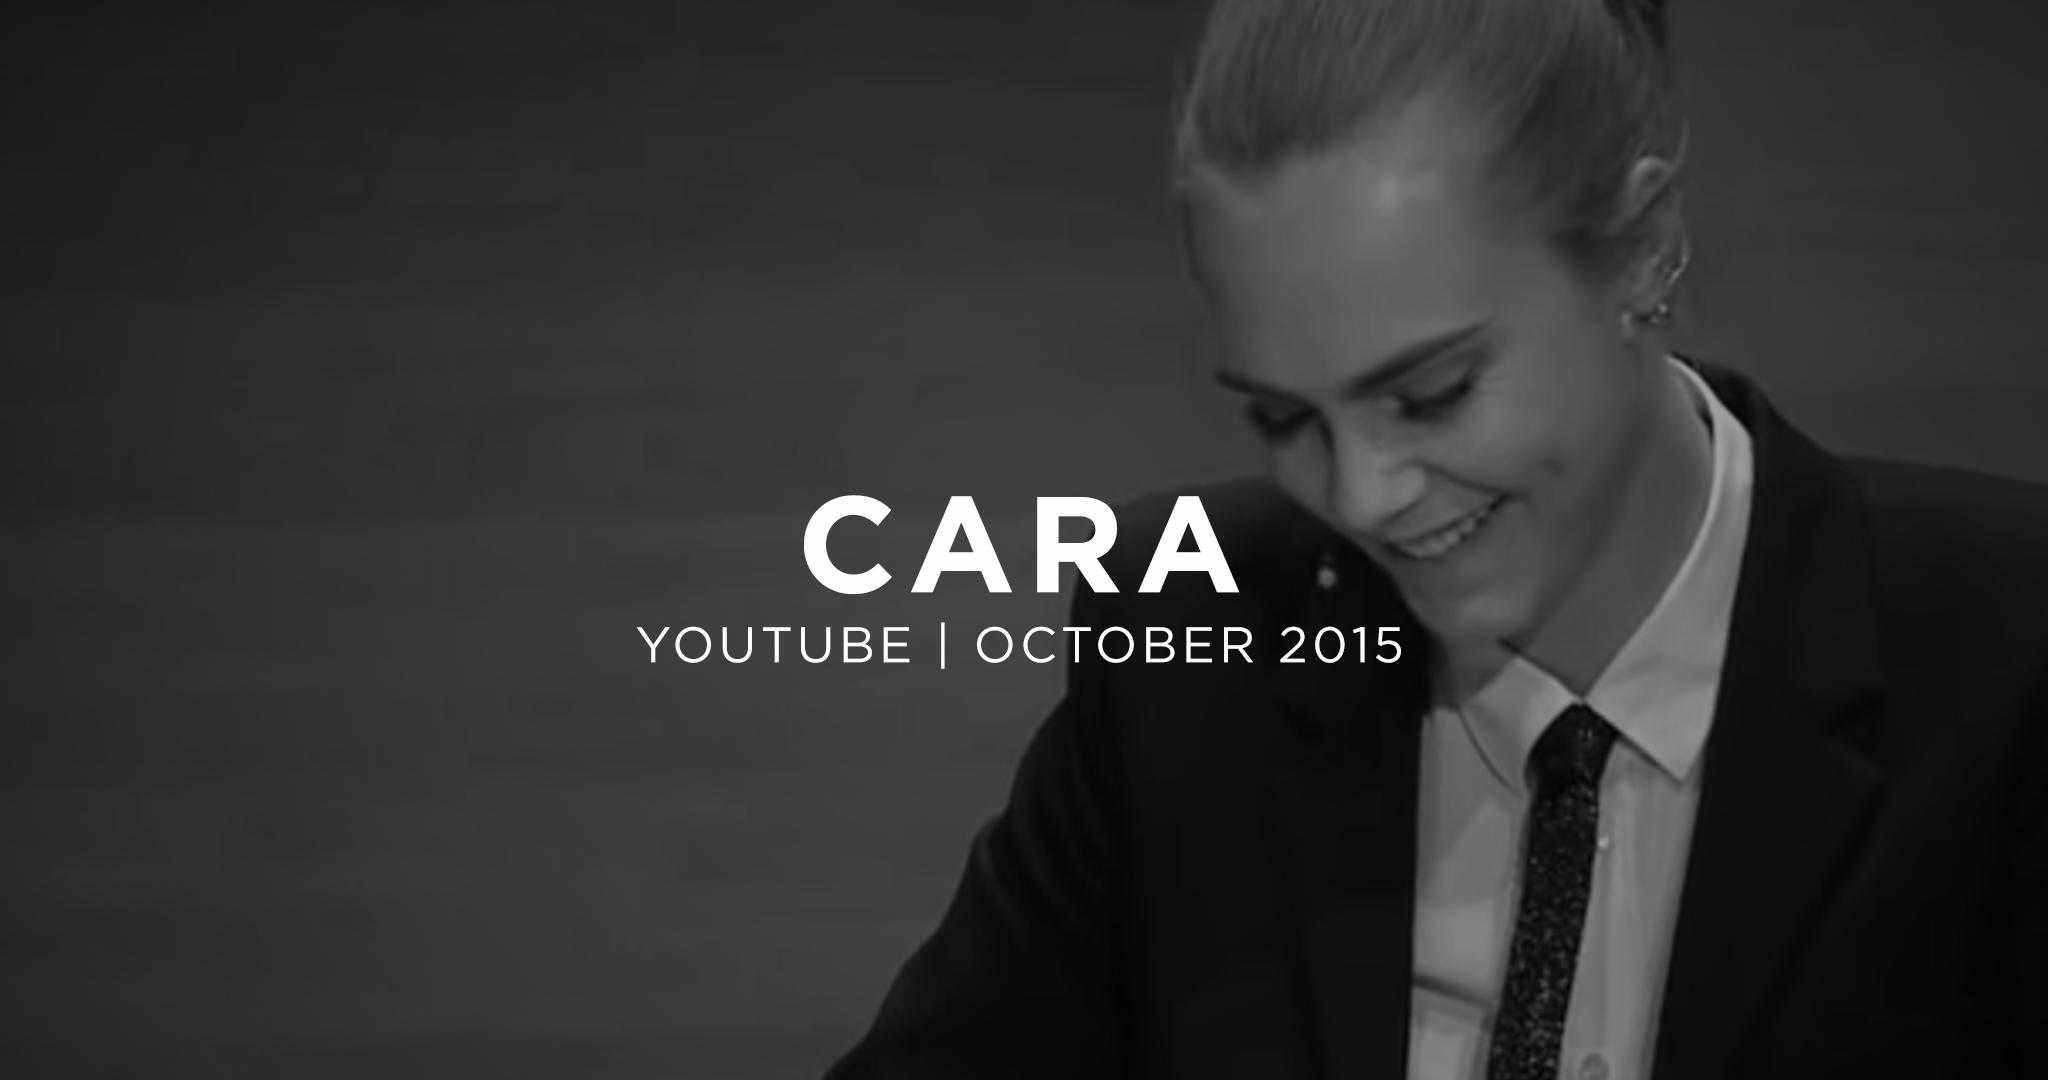 Cara Delevingne on Depression. October 2015